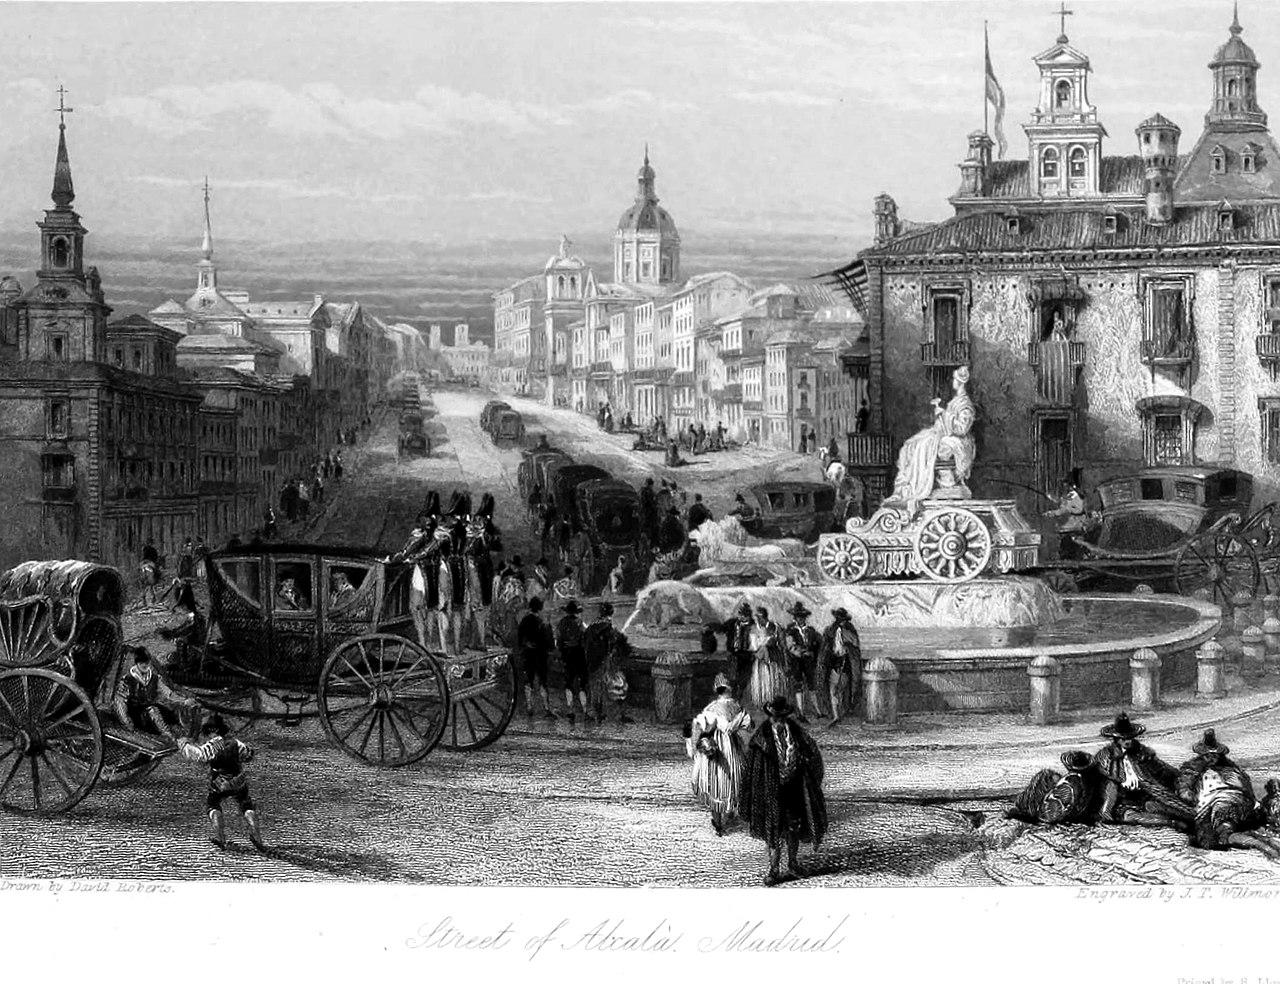 Calle_de_Alcalá_y_Fuente_de_La_Cibeles,_1838.jpg